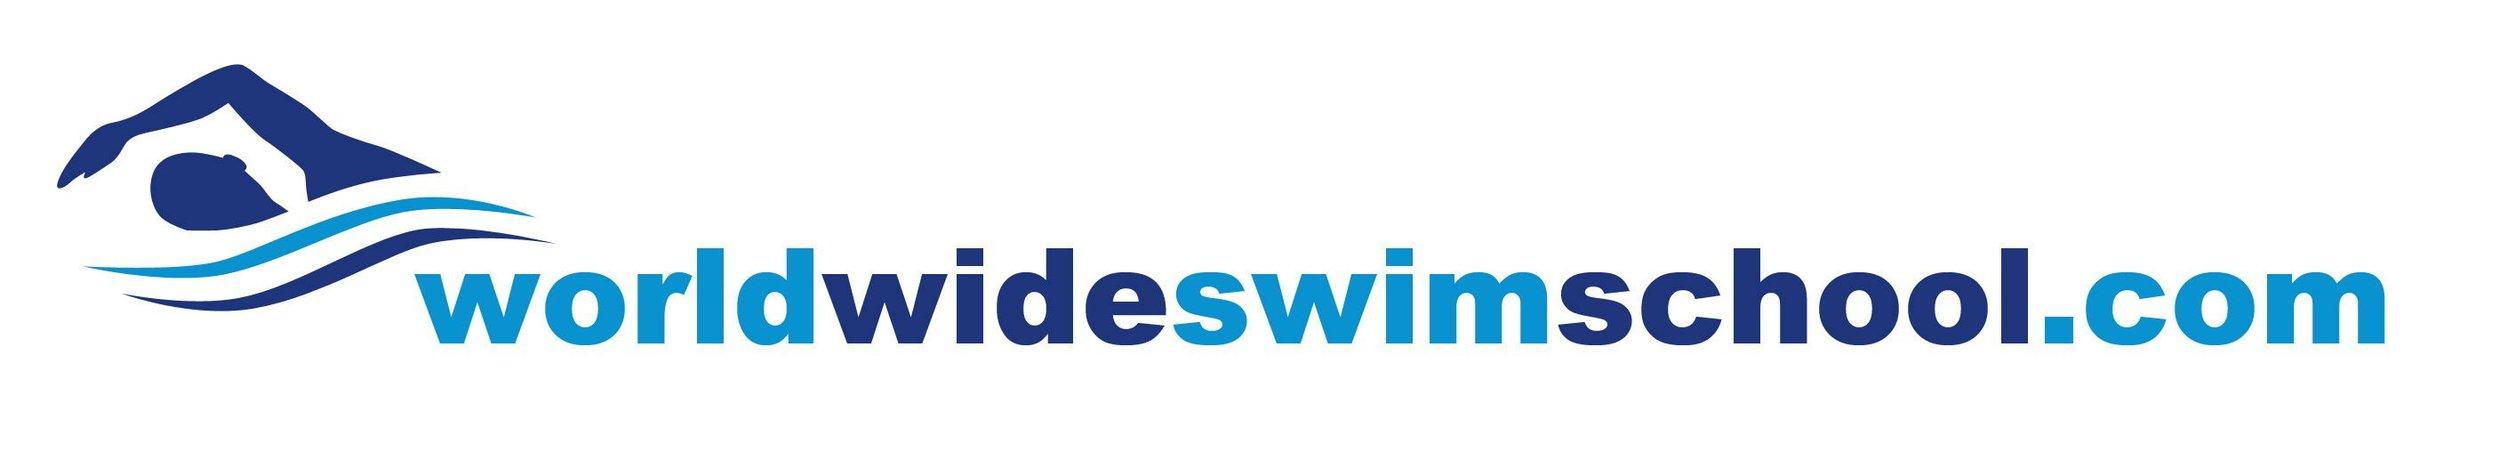 wwss_logo.jpg